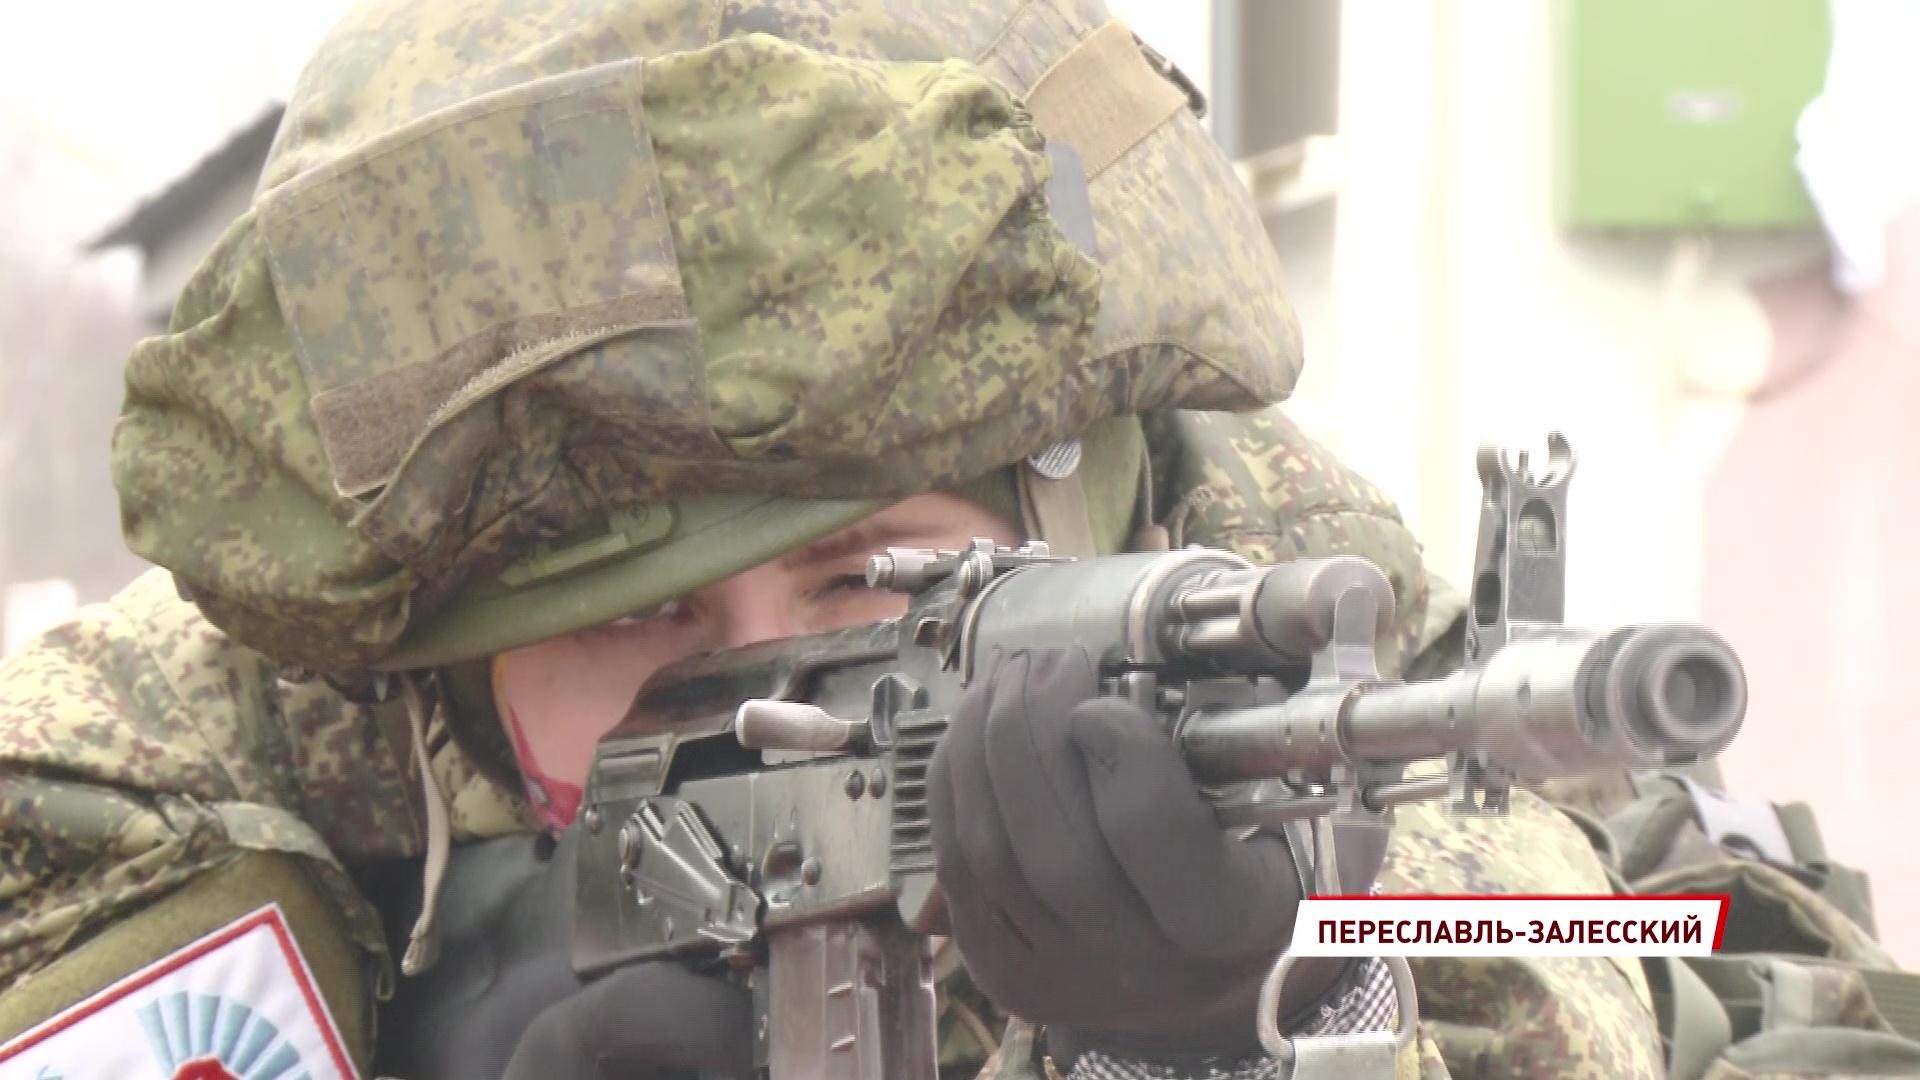 В преддверии 8 марта в области прошли соревнования для военнослужащих девушек «Макияж под камуфляж»